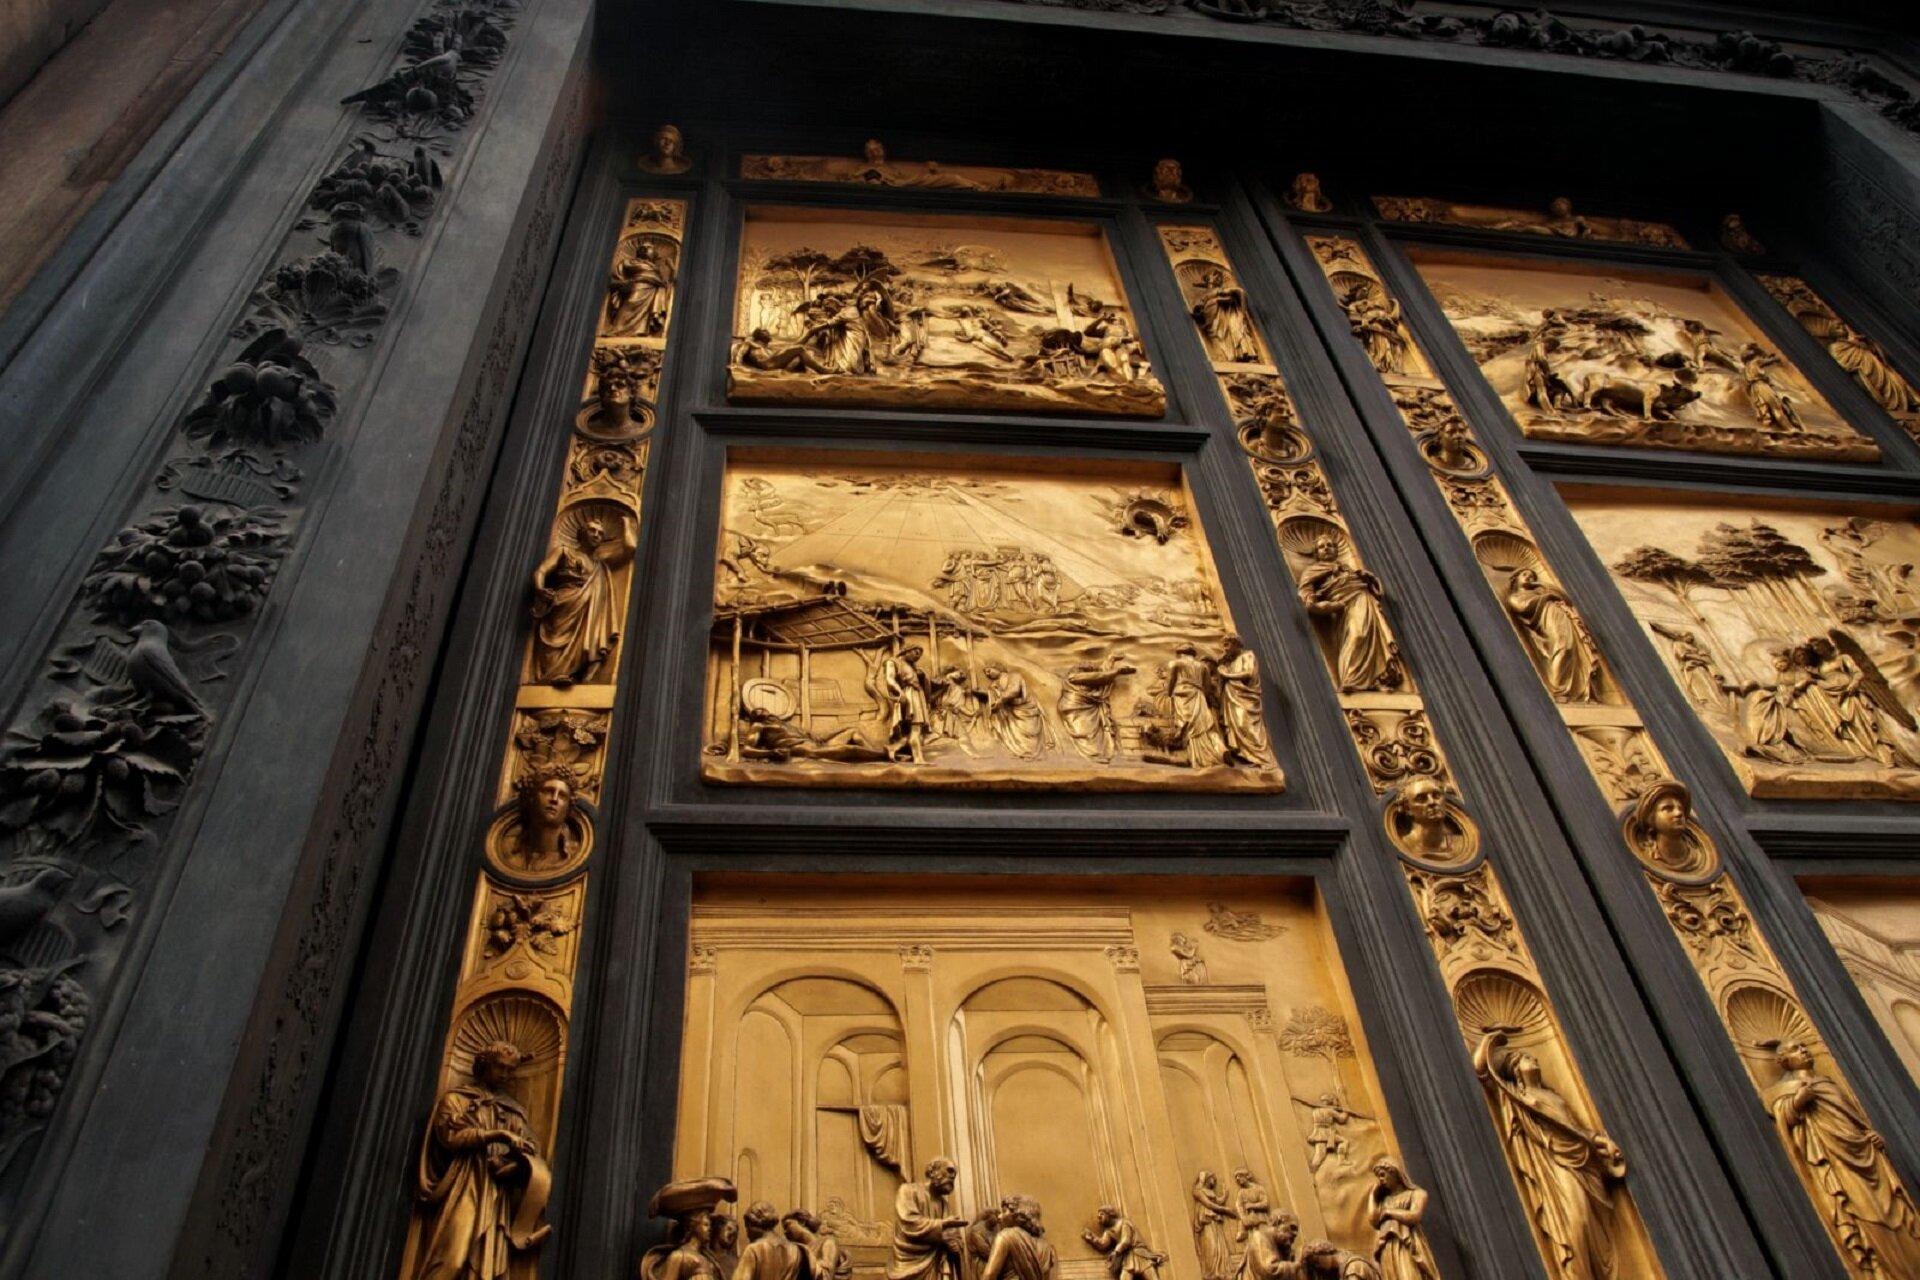 Ilustracja przedstawia fragment Drzwi Raju we Florencji, zaprojektowane przez Lorenza Ghibertiego, Drzwi podzielone są na kwatery ze scenami ze Starego Testamentu. Poszczególne płyciny są odlane zbrązu izłocone. Dokoła dekoruje je bordiura.